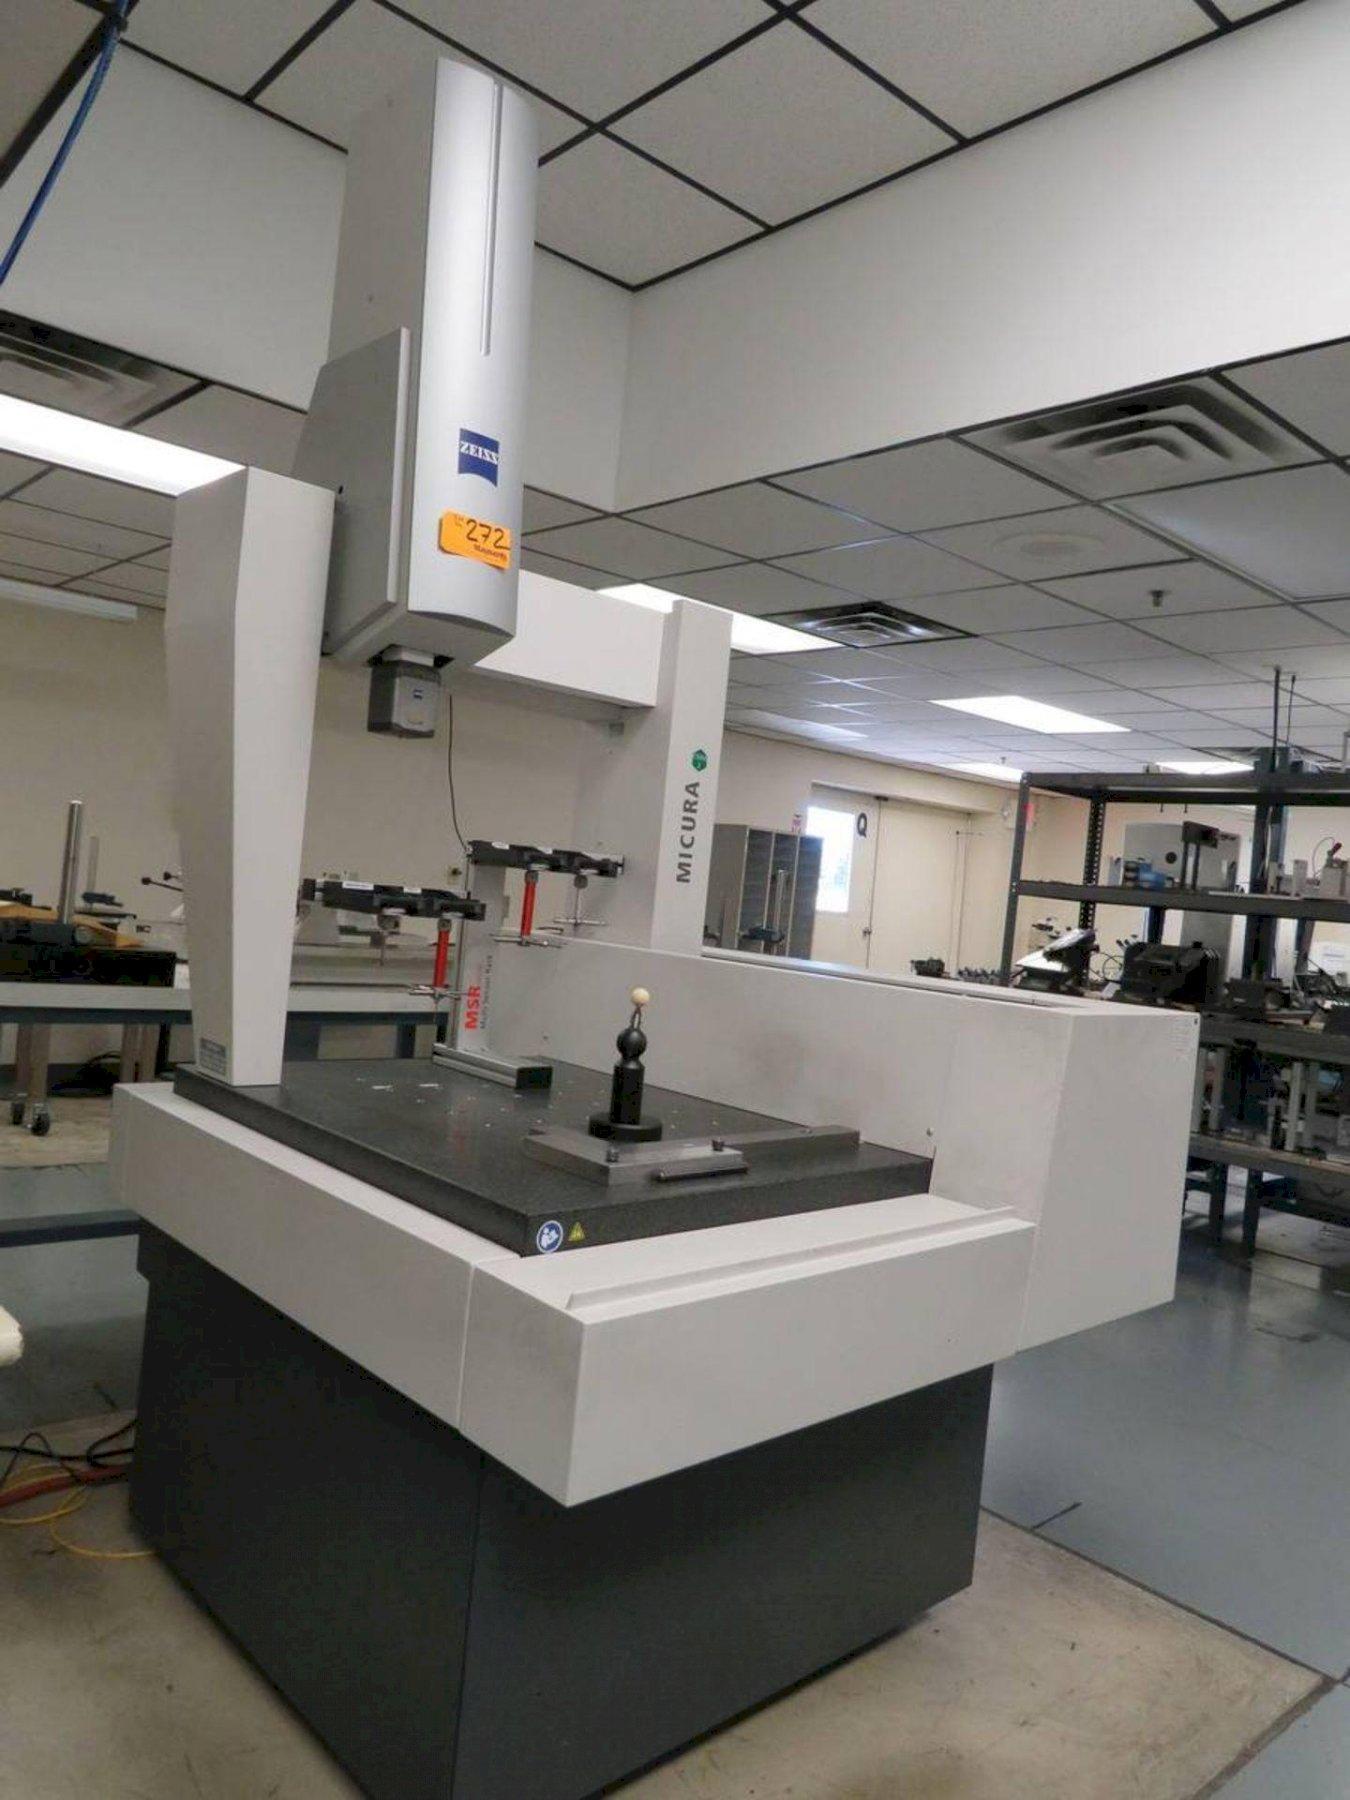 ZEISS2019 Zeiss Micura 5/7/5 DCC Coordinate Measuring Machine (CMM)